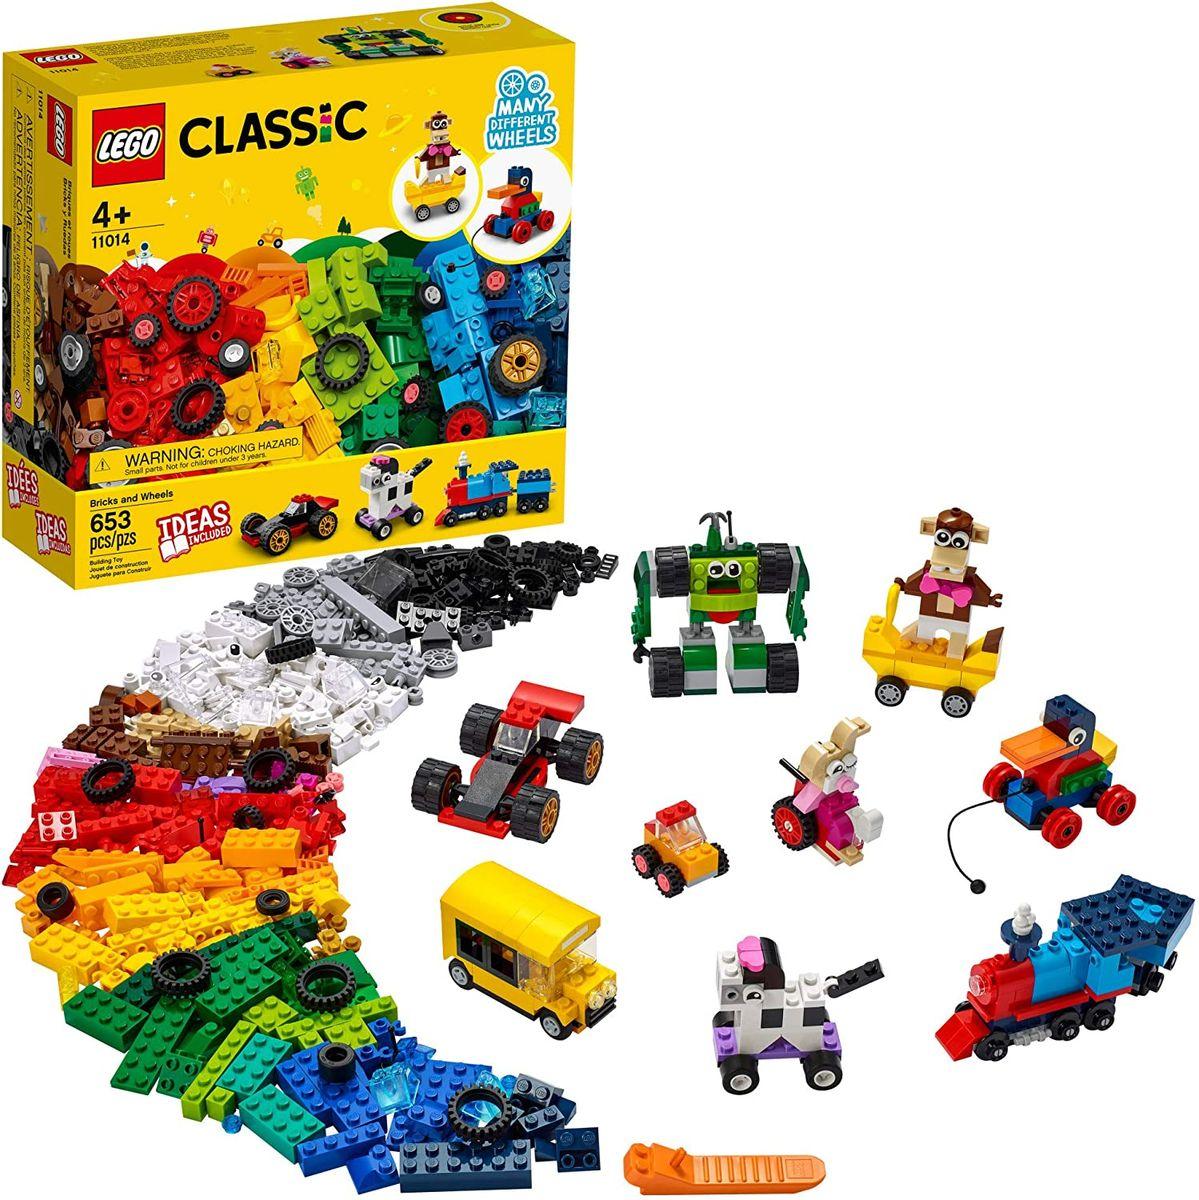 LEGO CLASSIC BLOCOS E RODAS